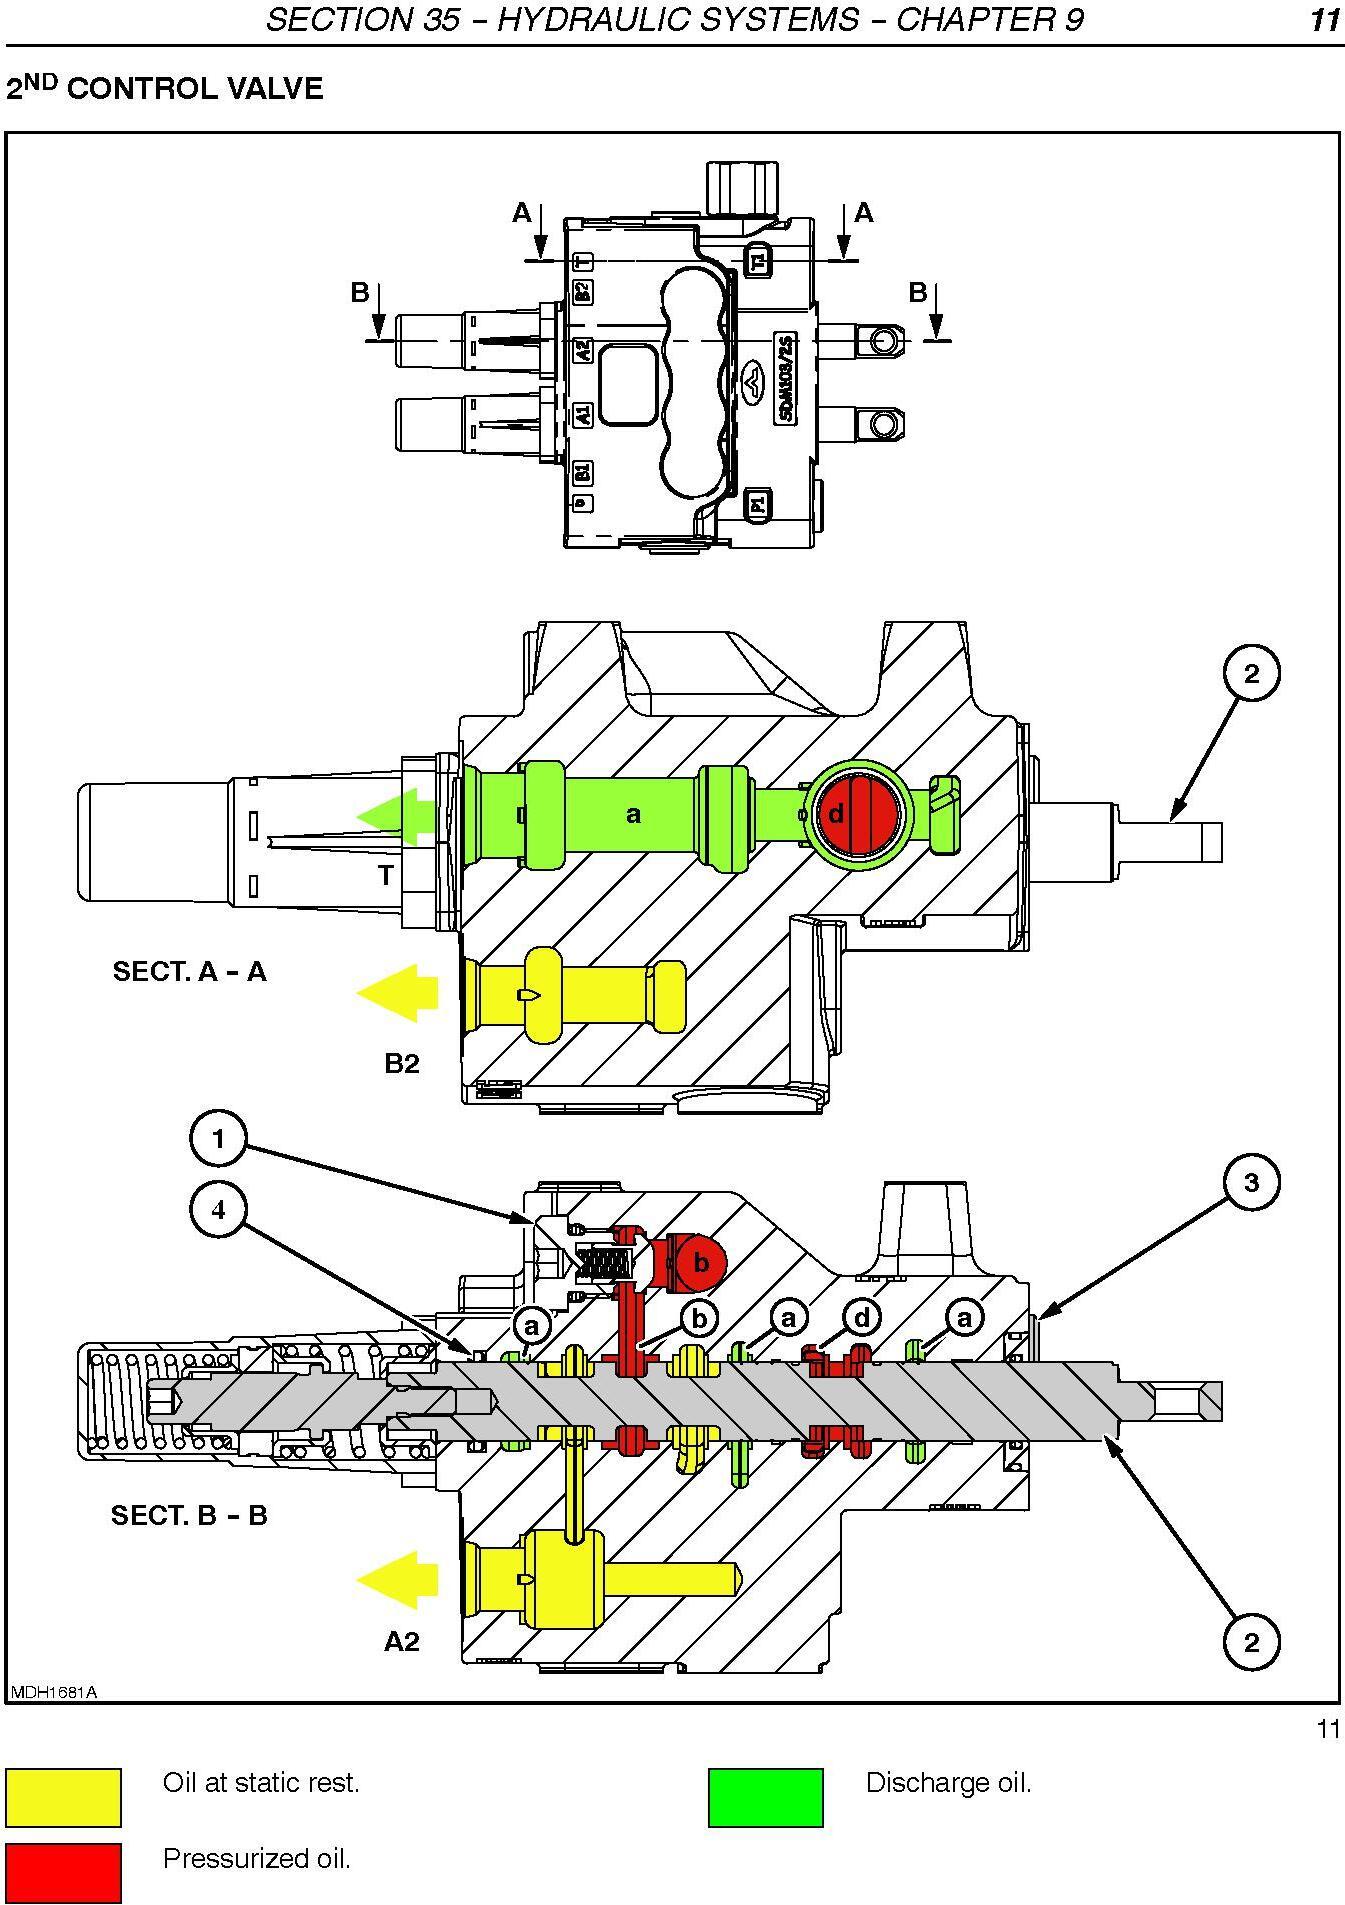 New Holland TL80A, TL90A, TL100A Tractors Complete Service Manual - 3